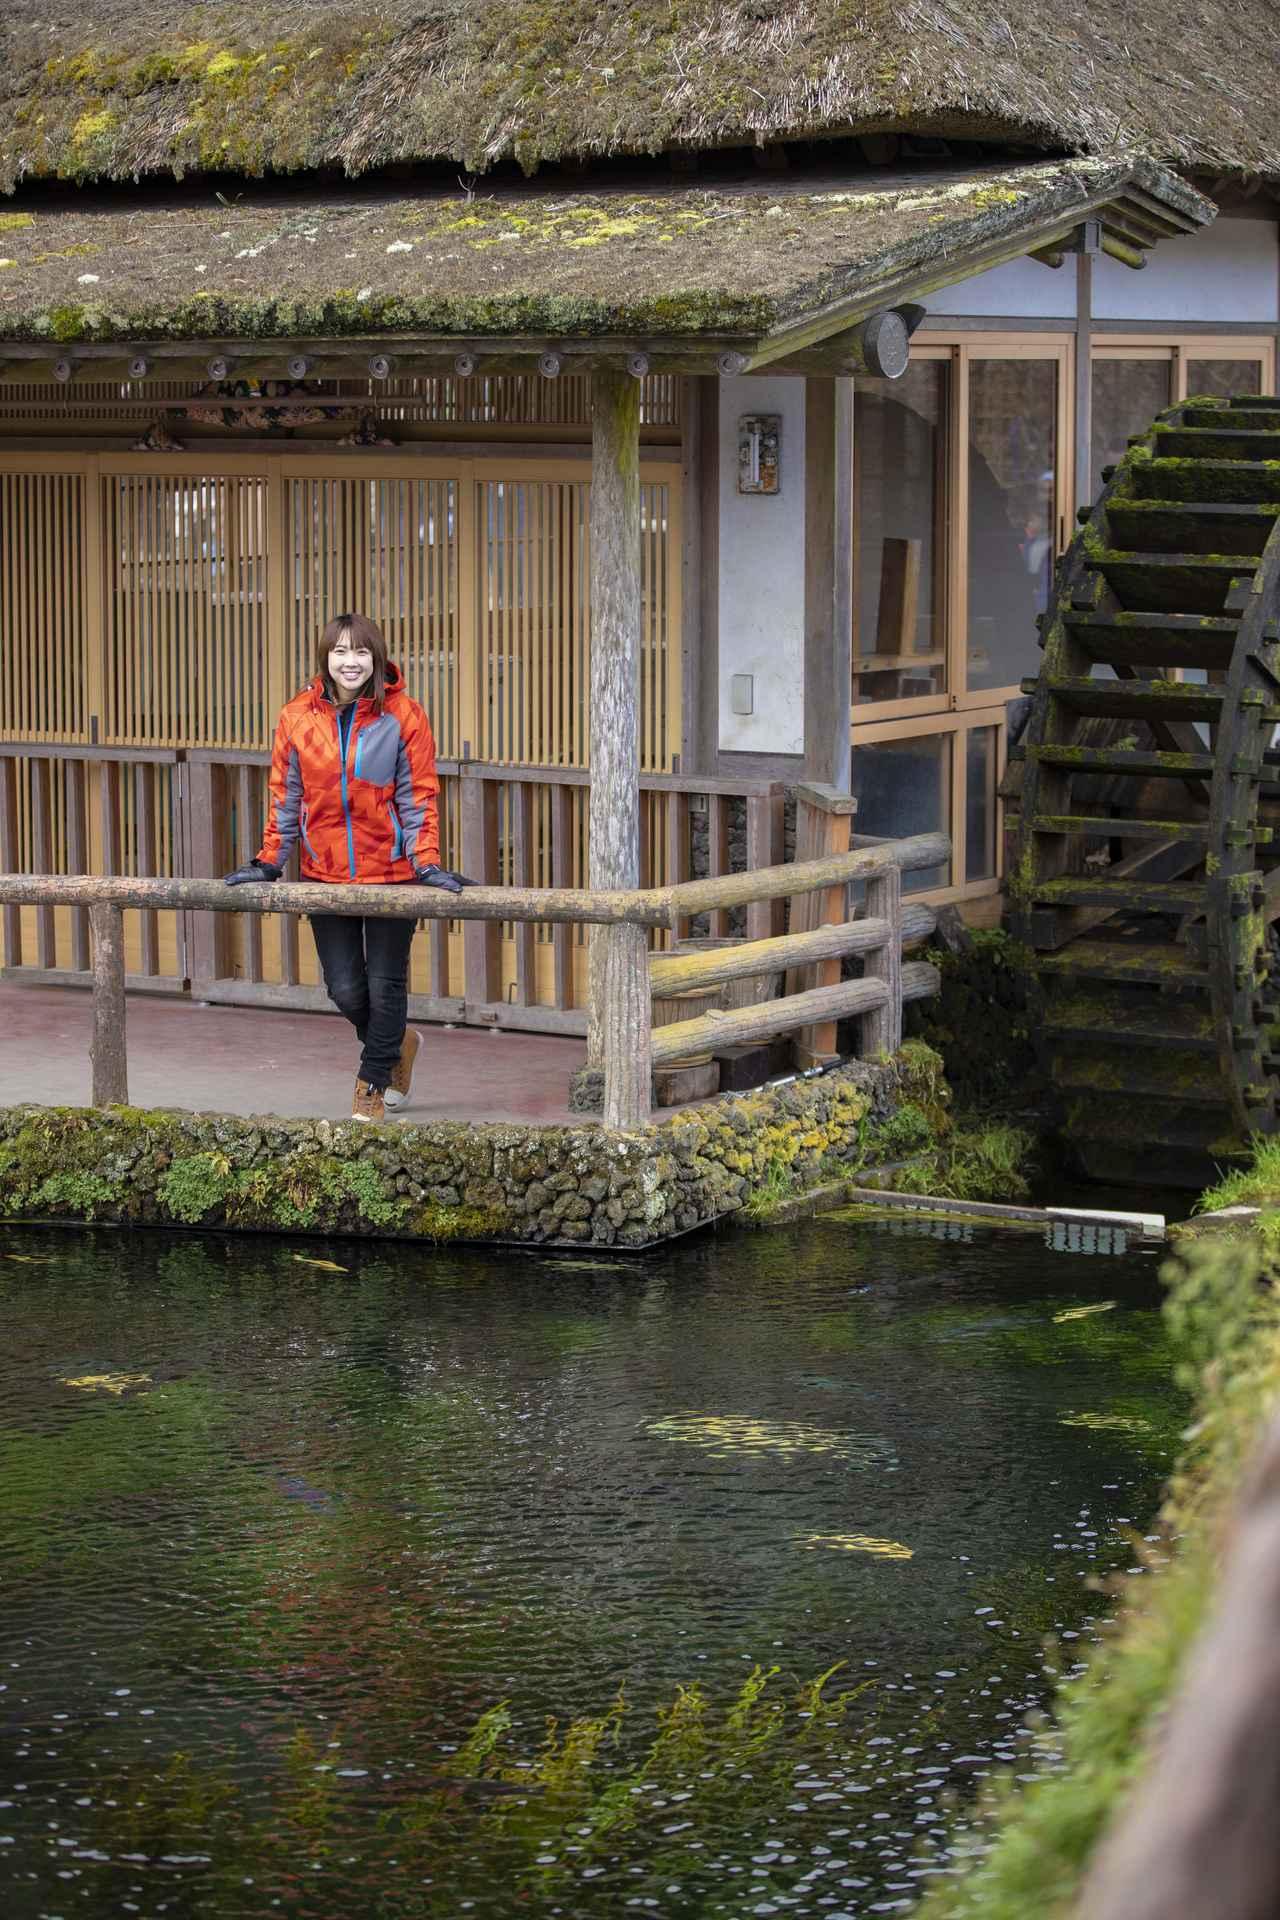 画像3: 続いて向かう先は綺麗な湧水池、忍野八海